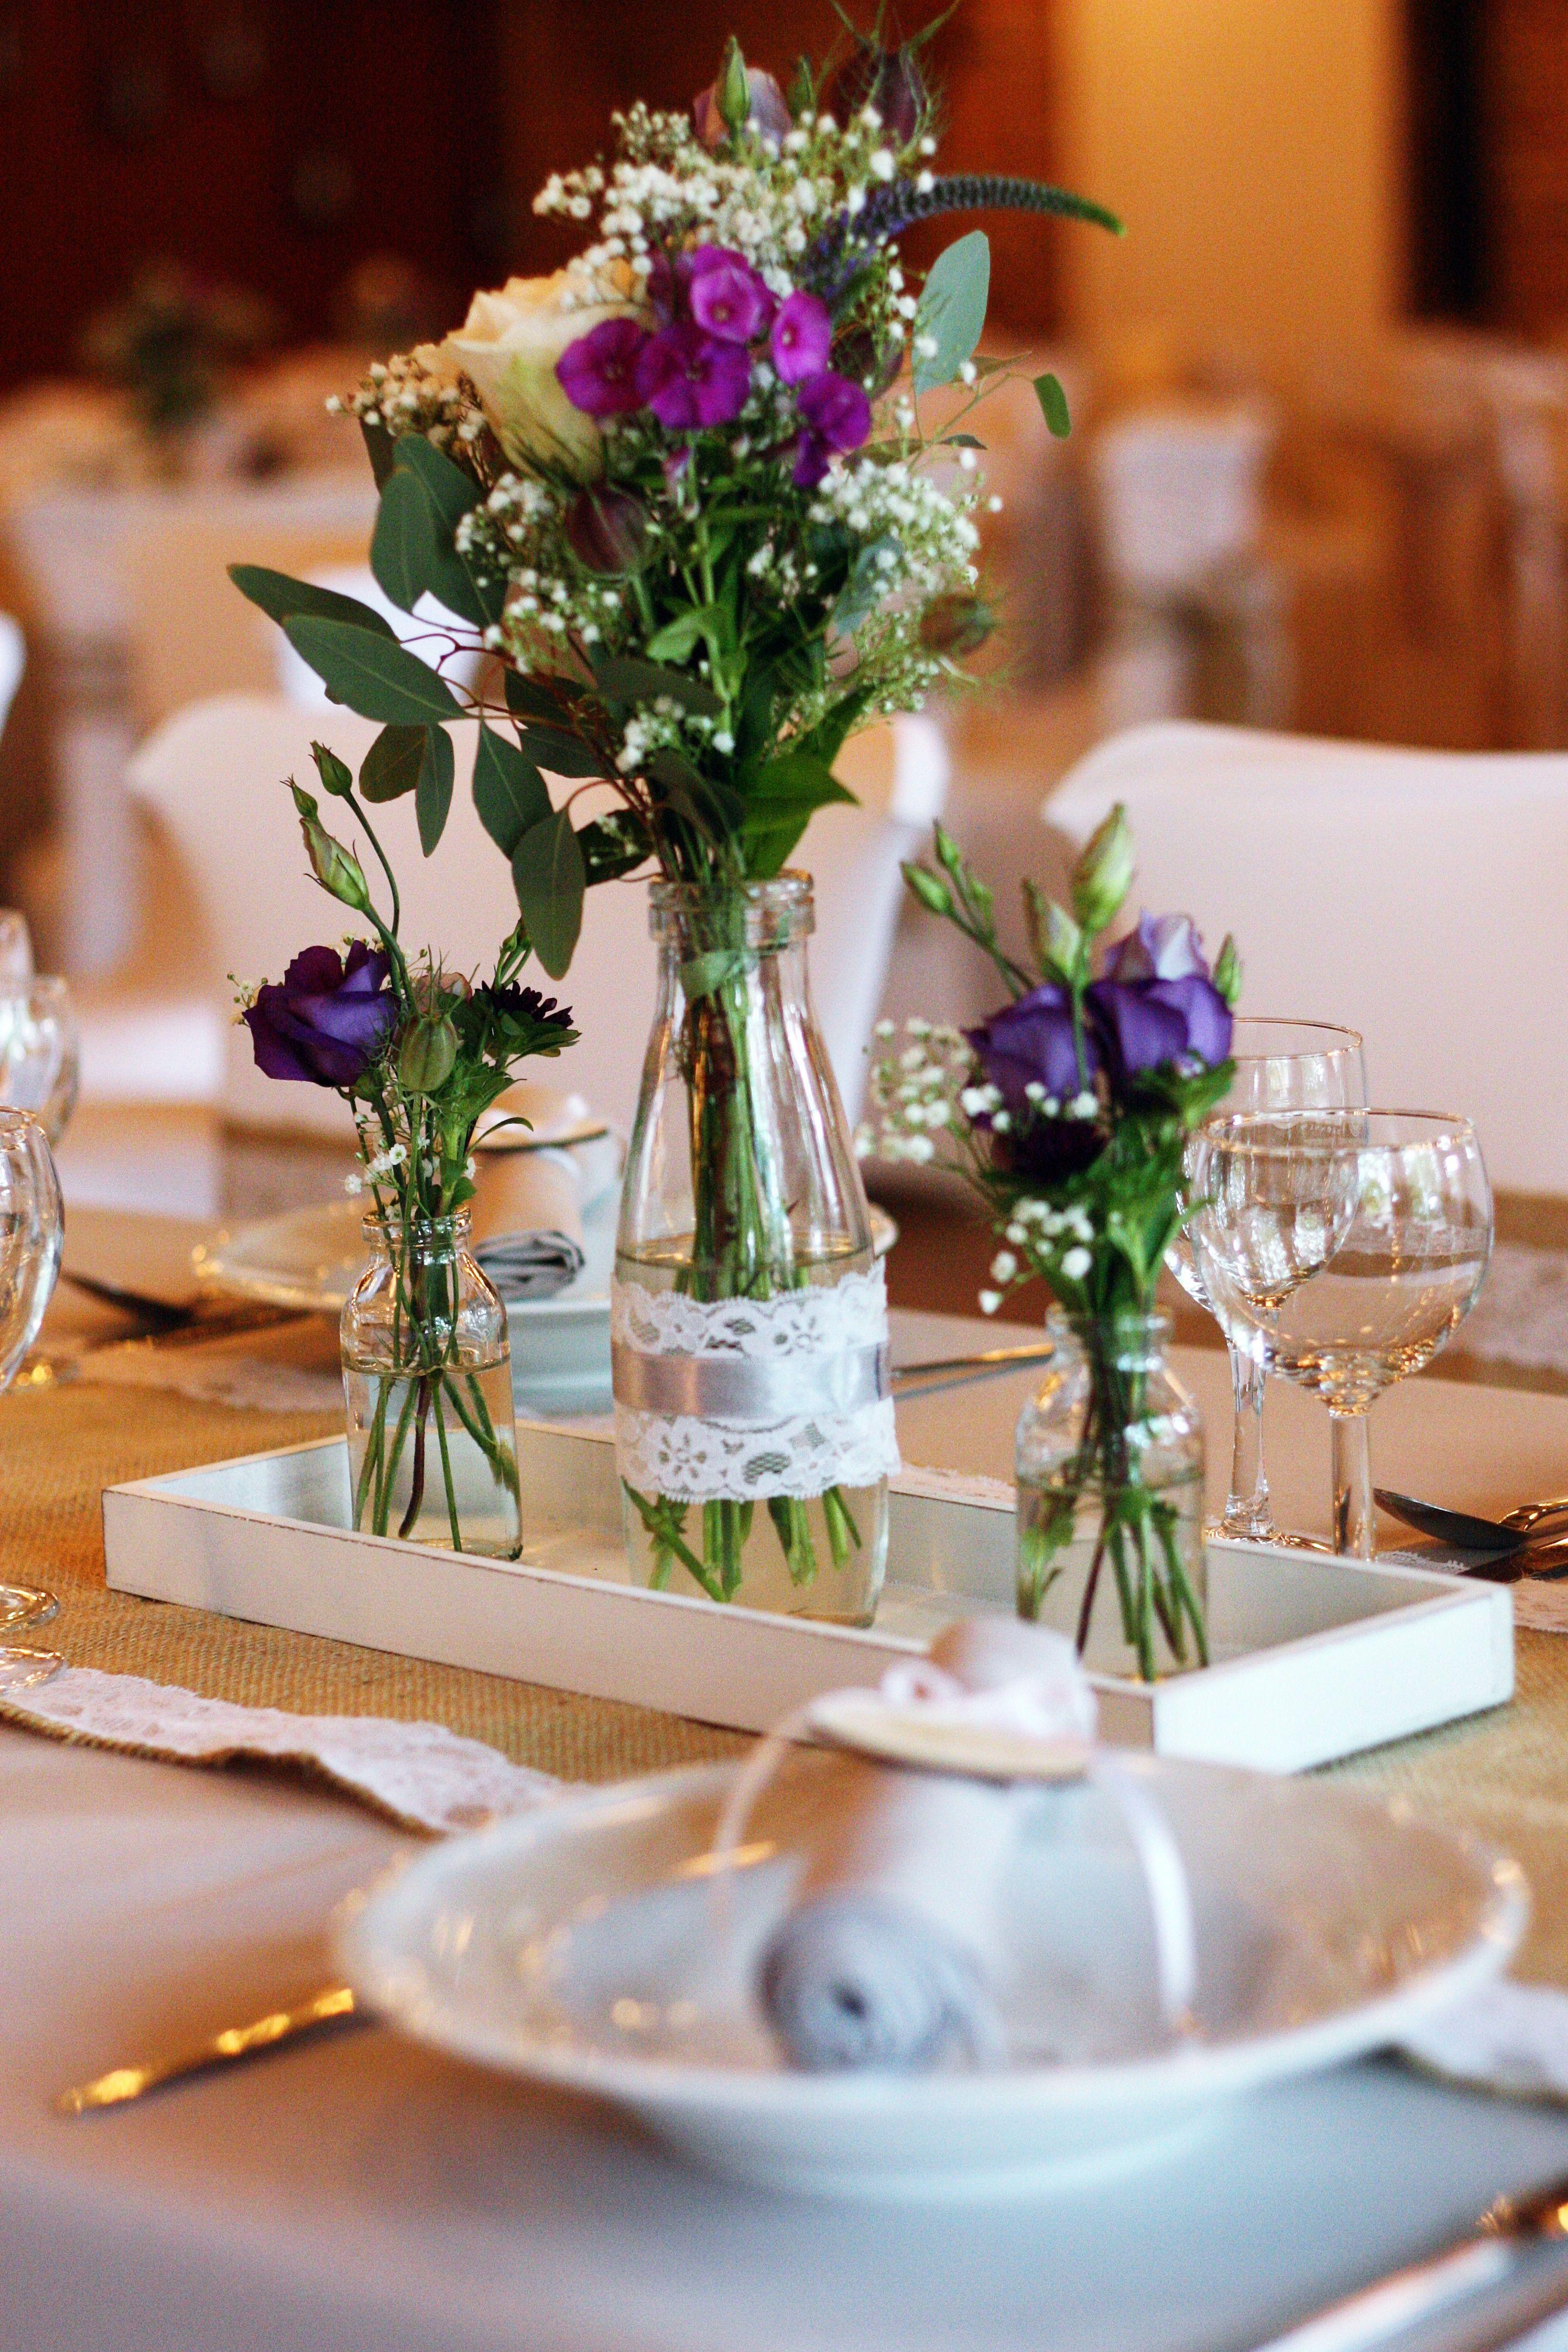 Tischdekoration Hochzeitsdekoration Graue Tischdecken Vintage Juteläufer Lila Blumen Sp Hochzeit Deko Tisch Hochzeitsdekoration Tischdekoration Hochzeit Blumen